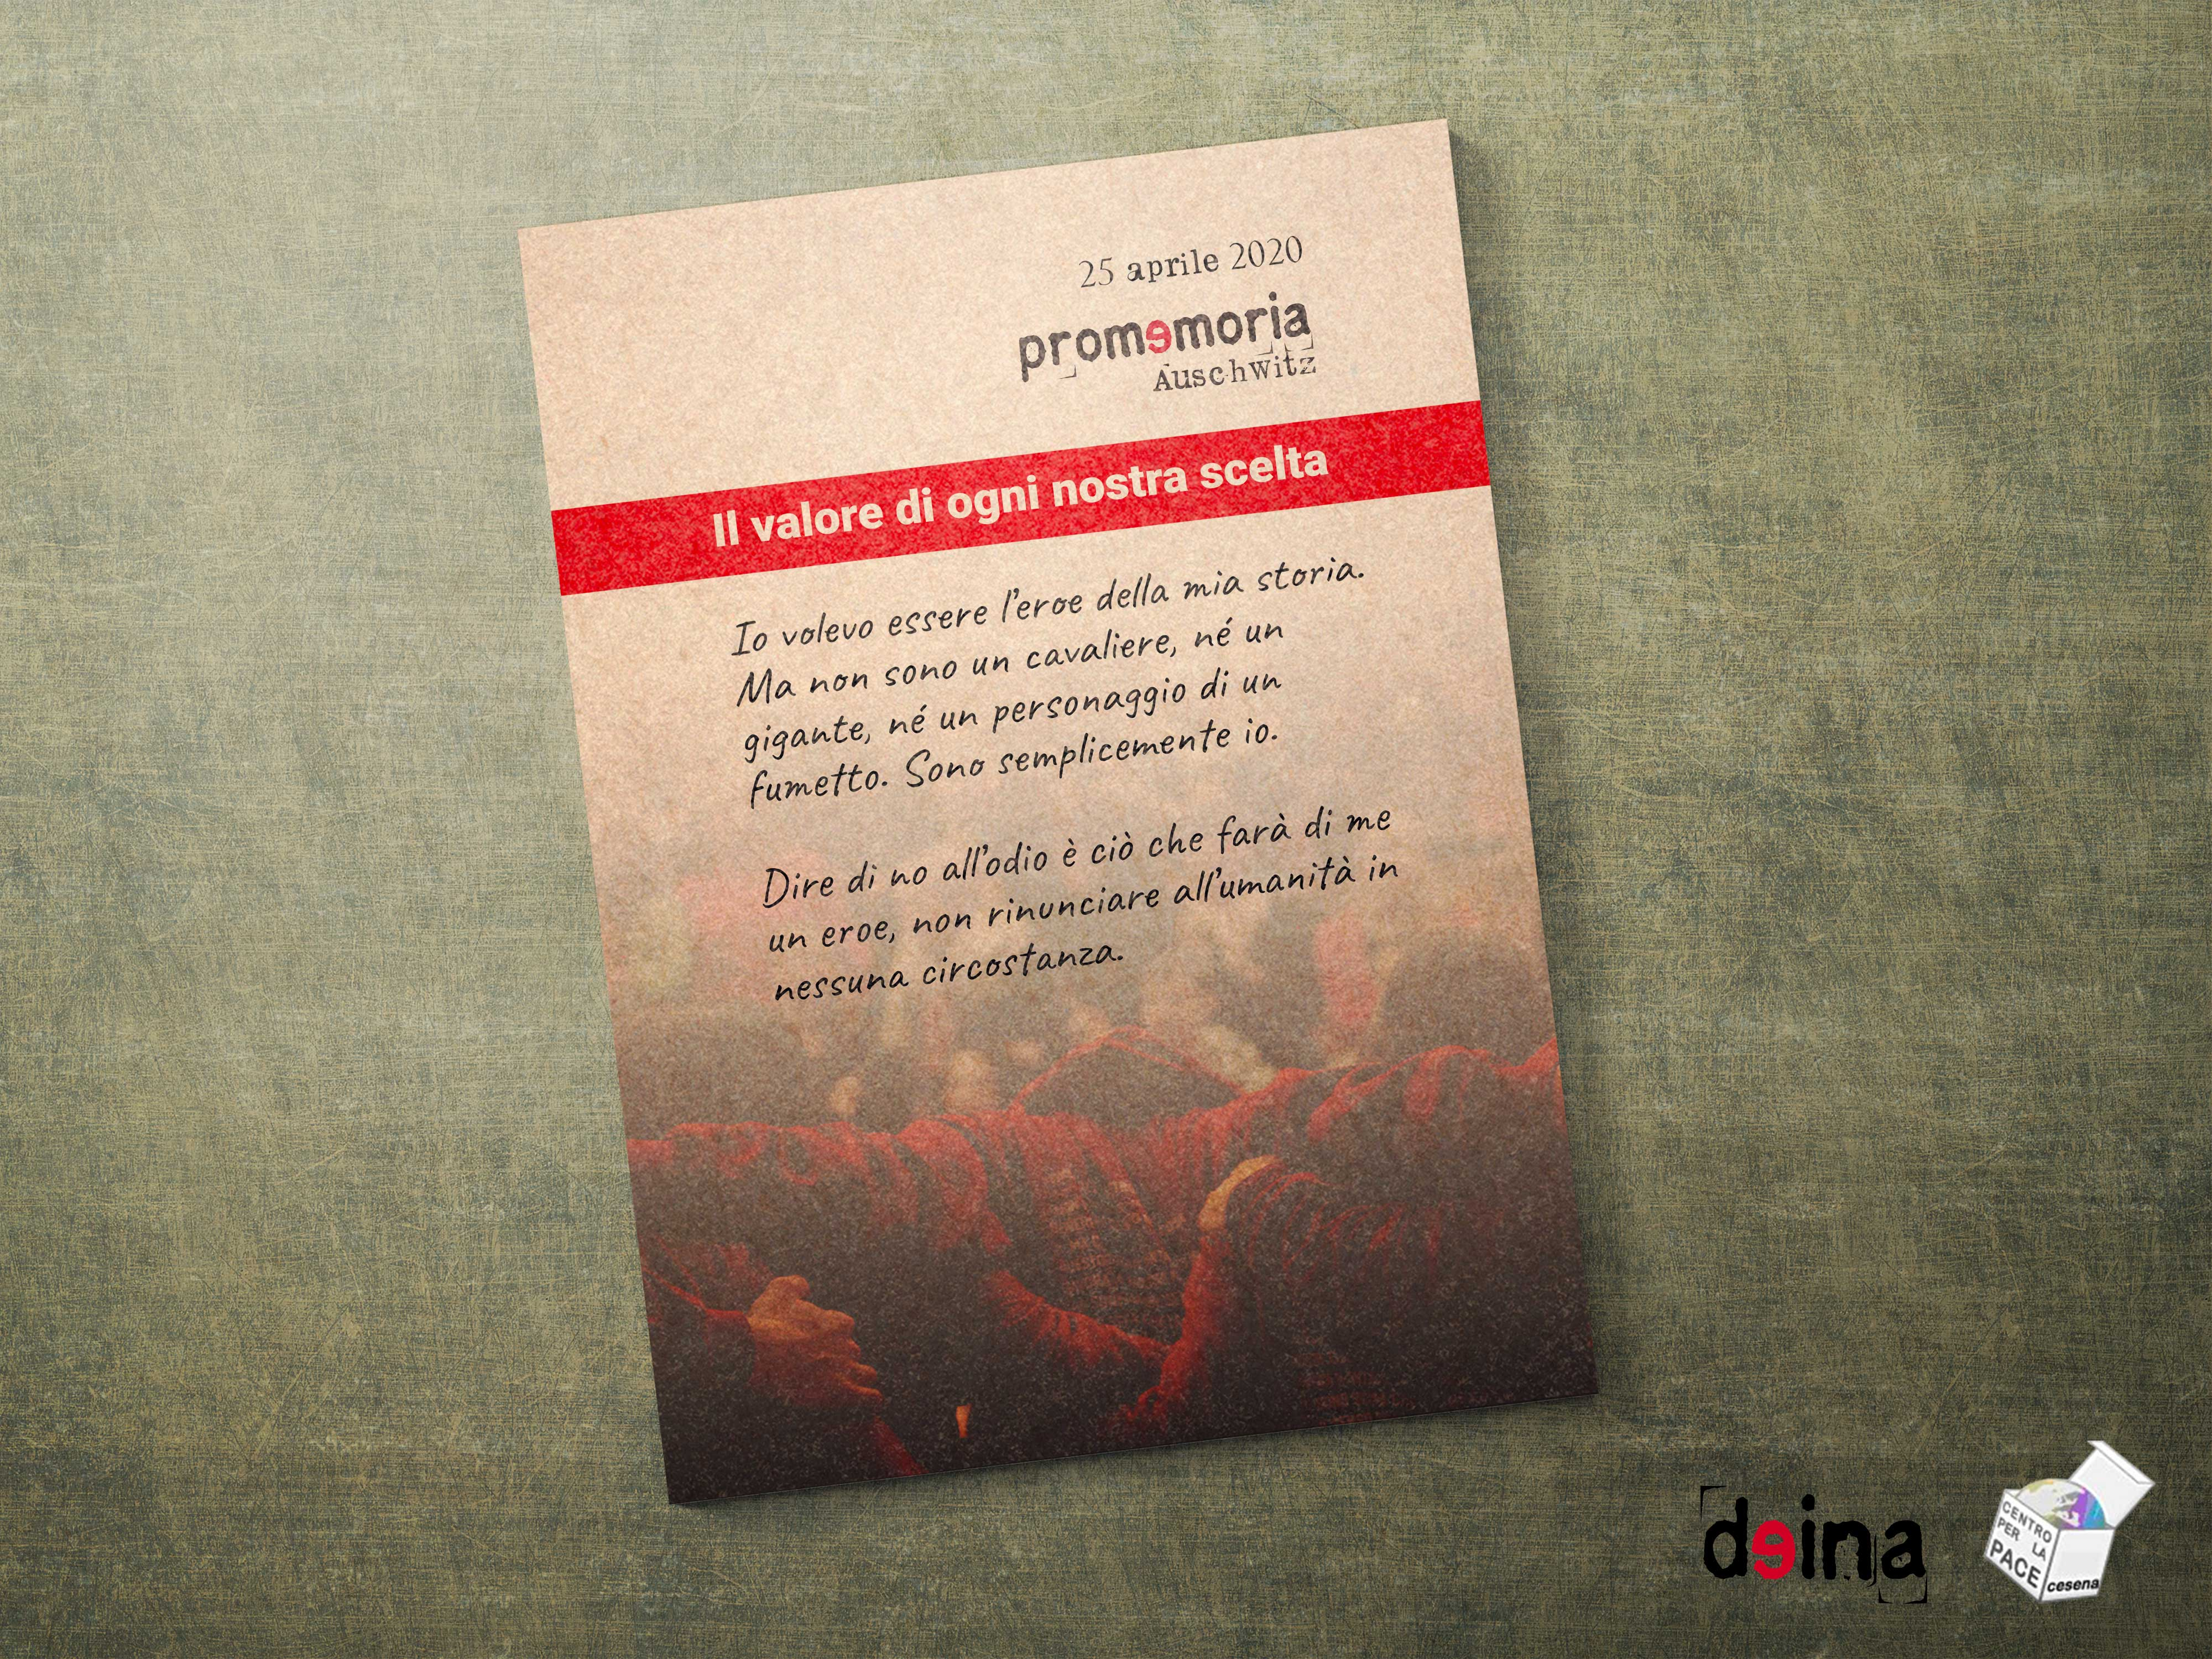 frasi-25-aprile-01-hd.png